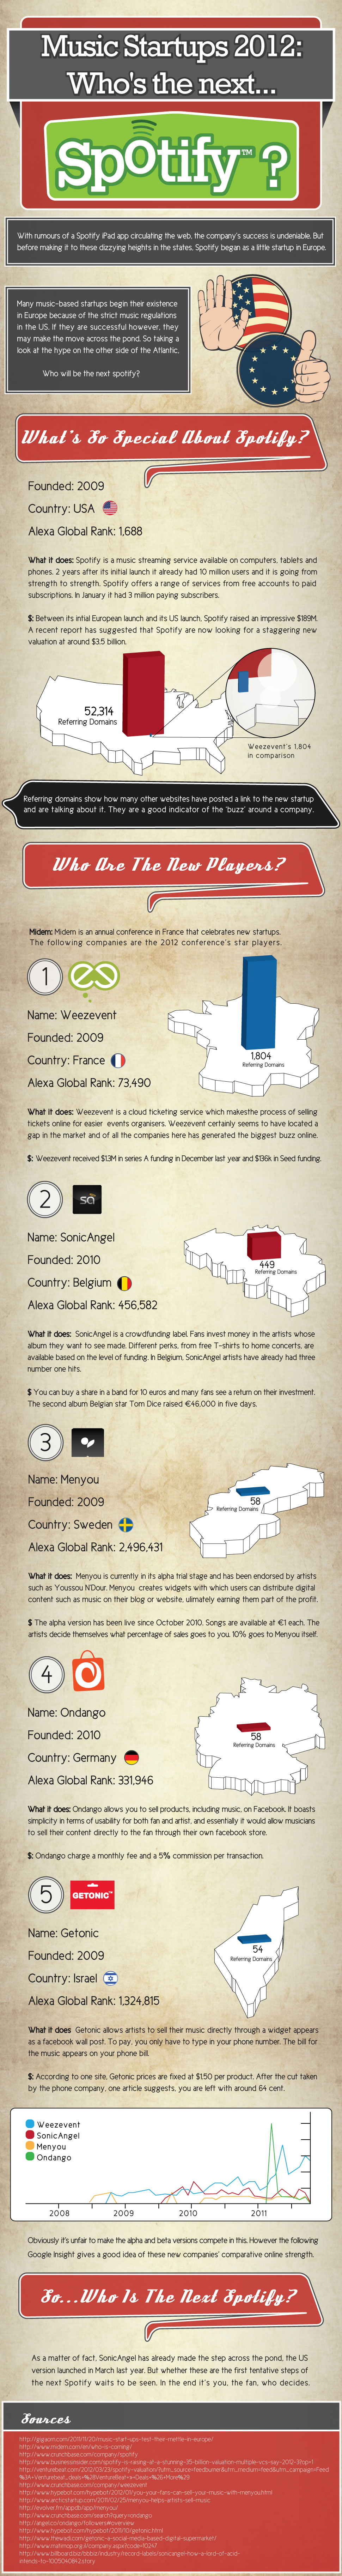 startups de música 2012